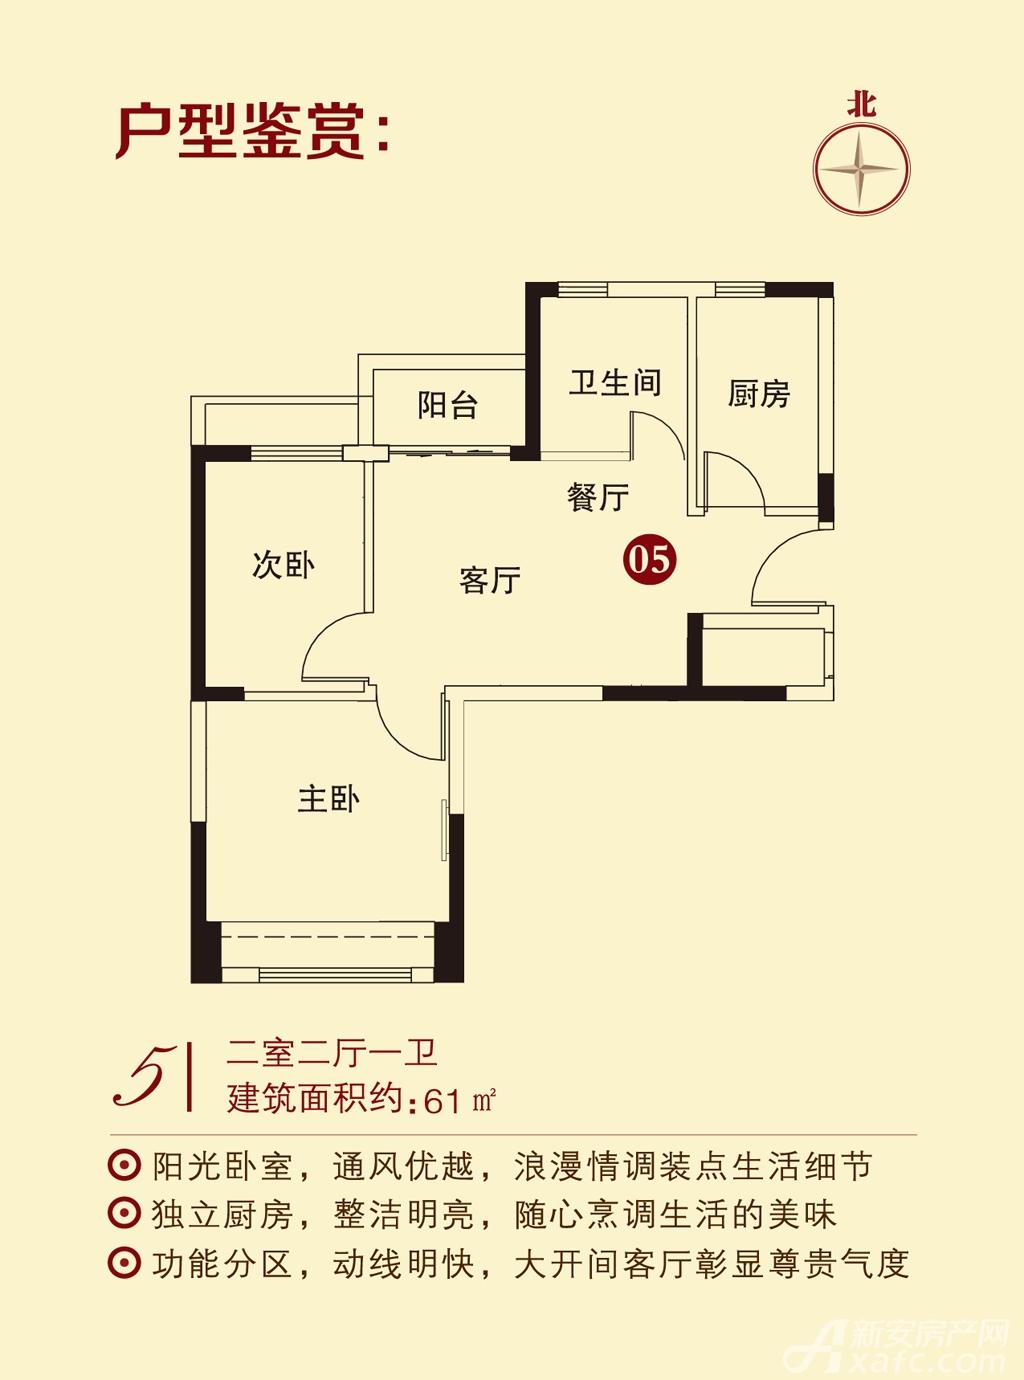 恒大城17#户型52室2厅61平米